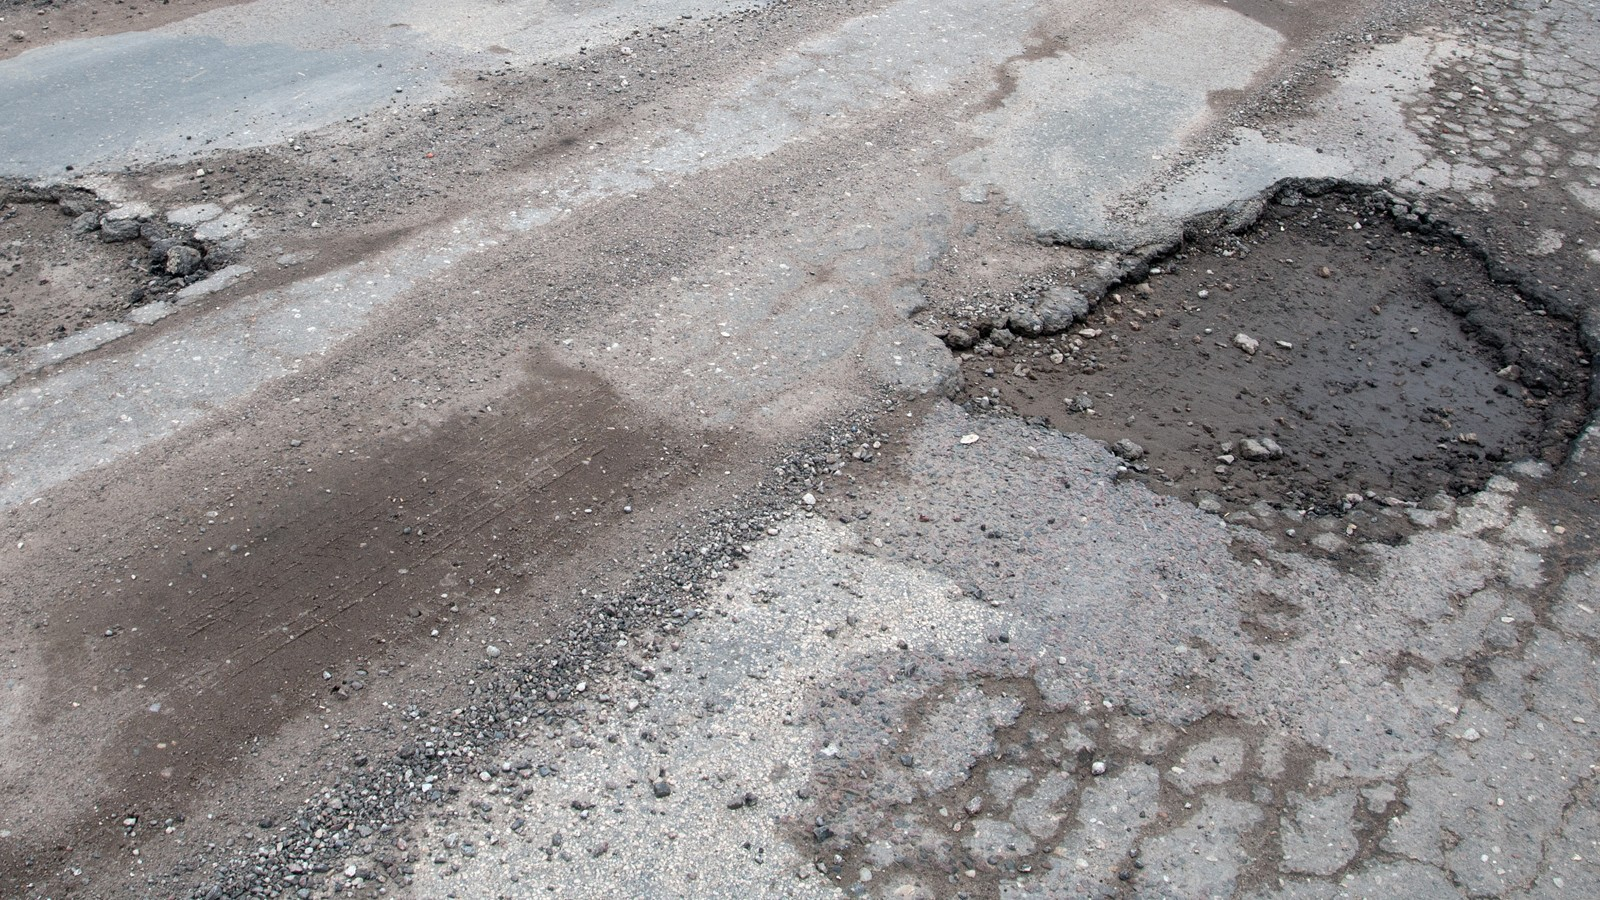 Damaged asphalt road after winter.